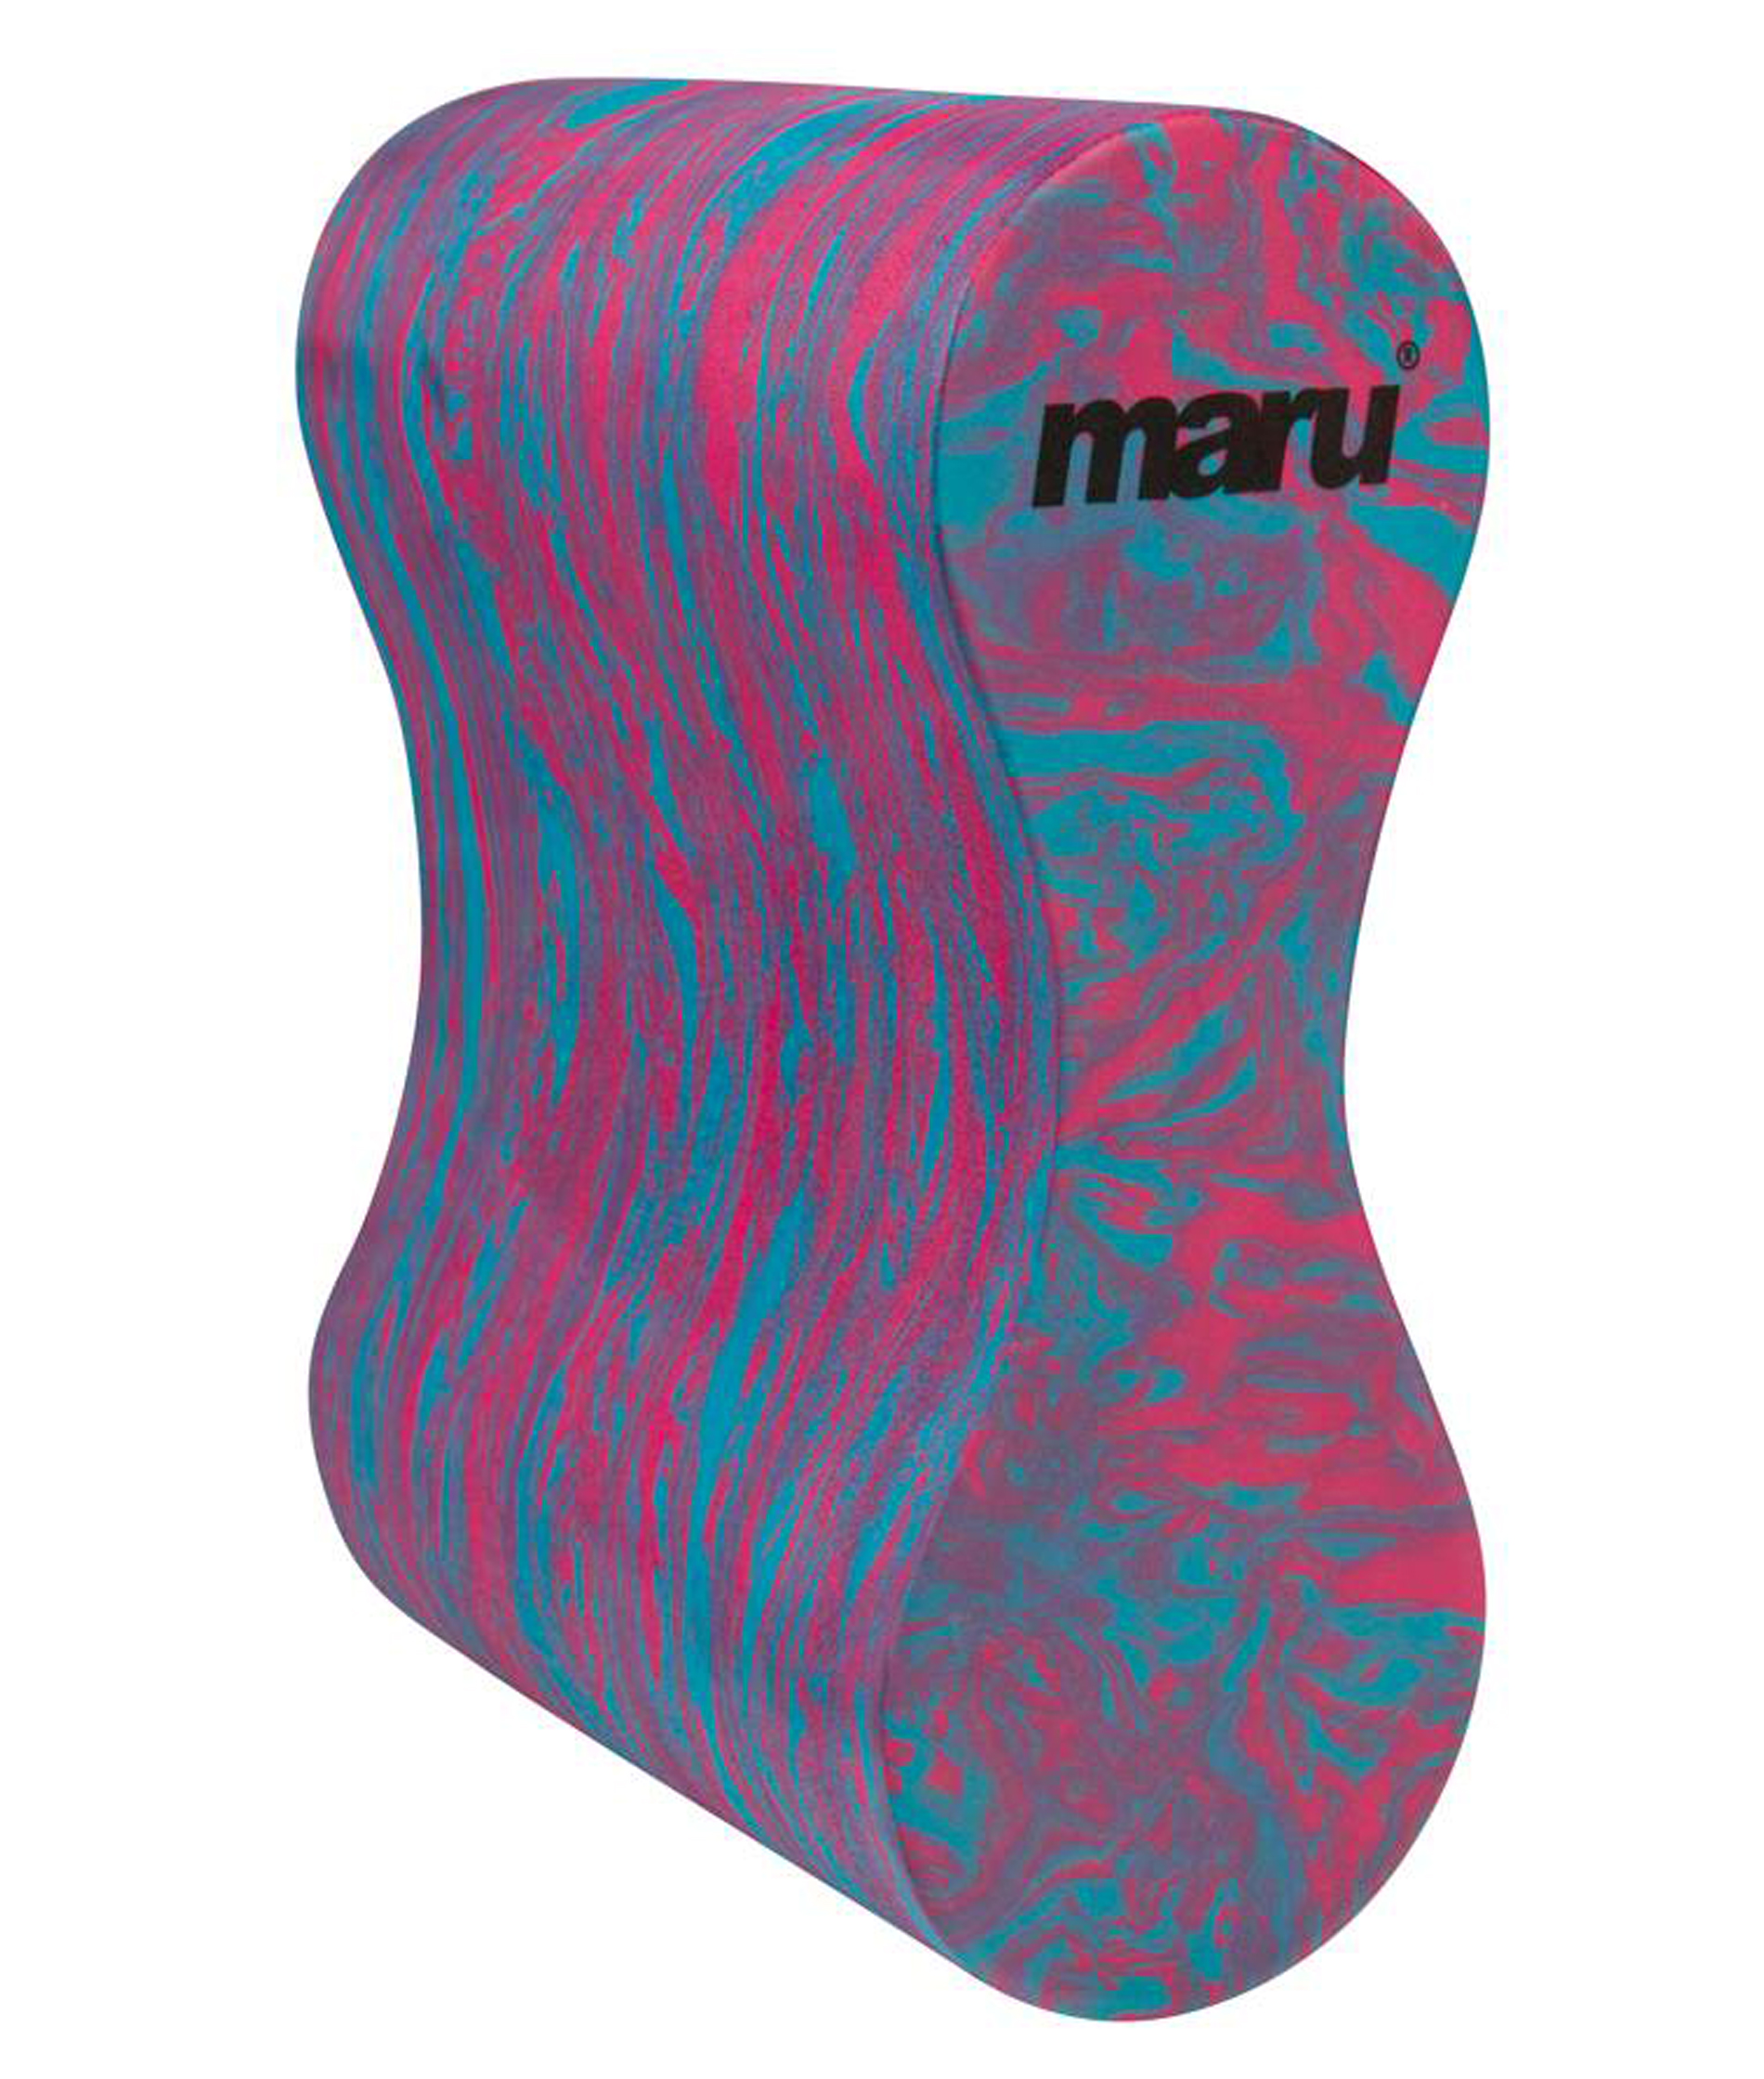 Maru Swirl Pull Buoy - Blue/Pink